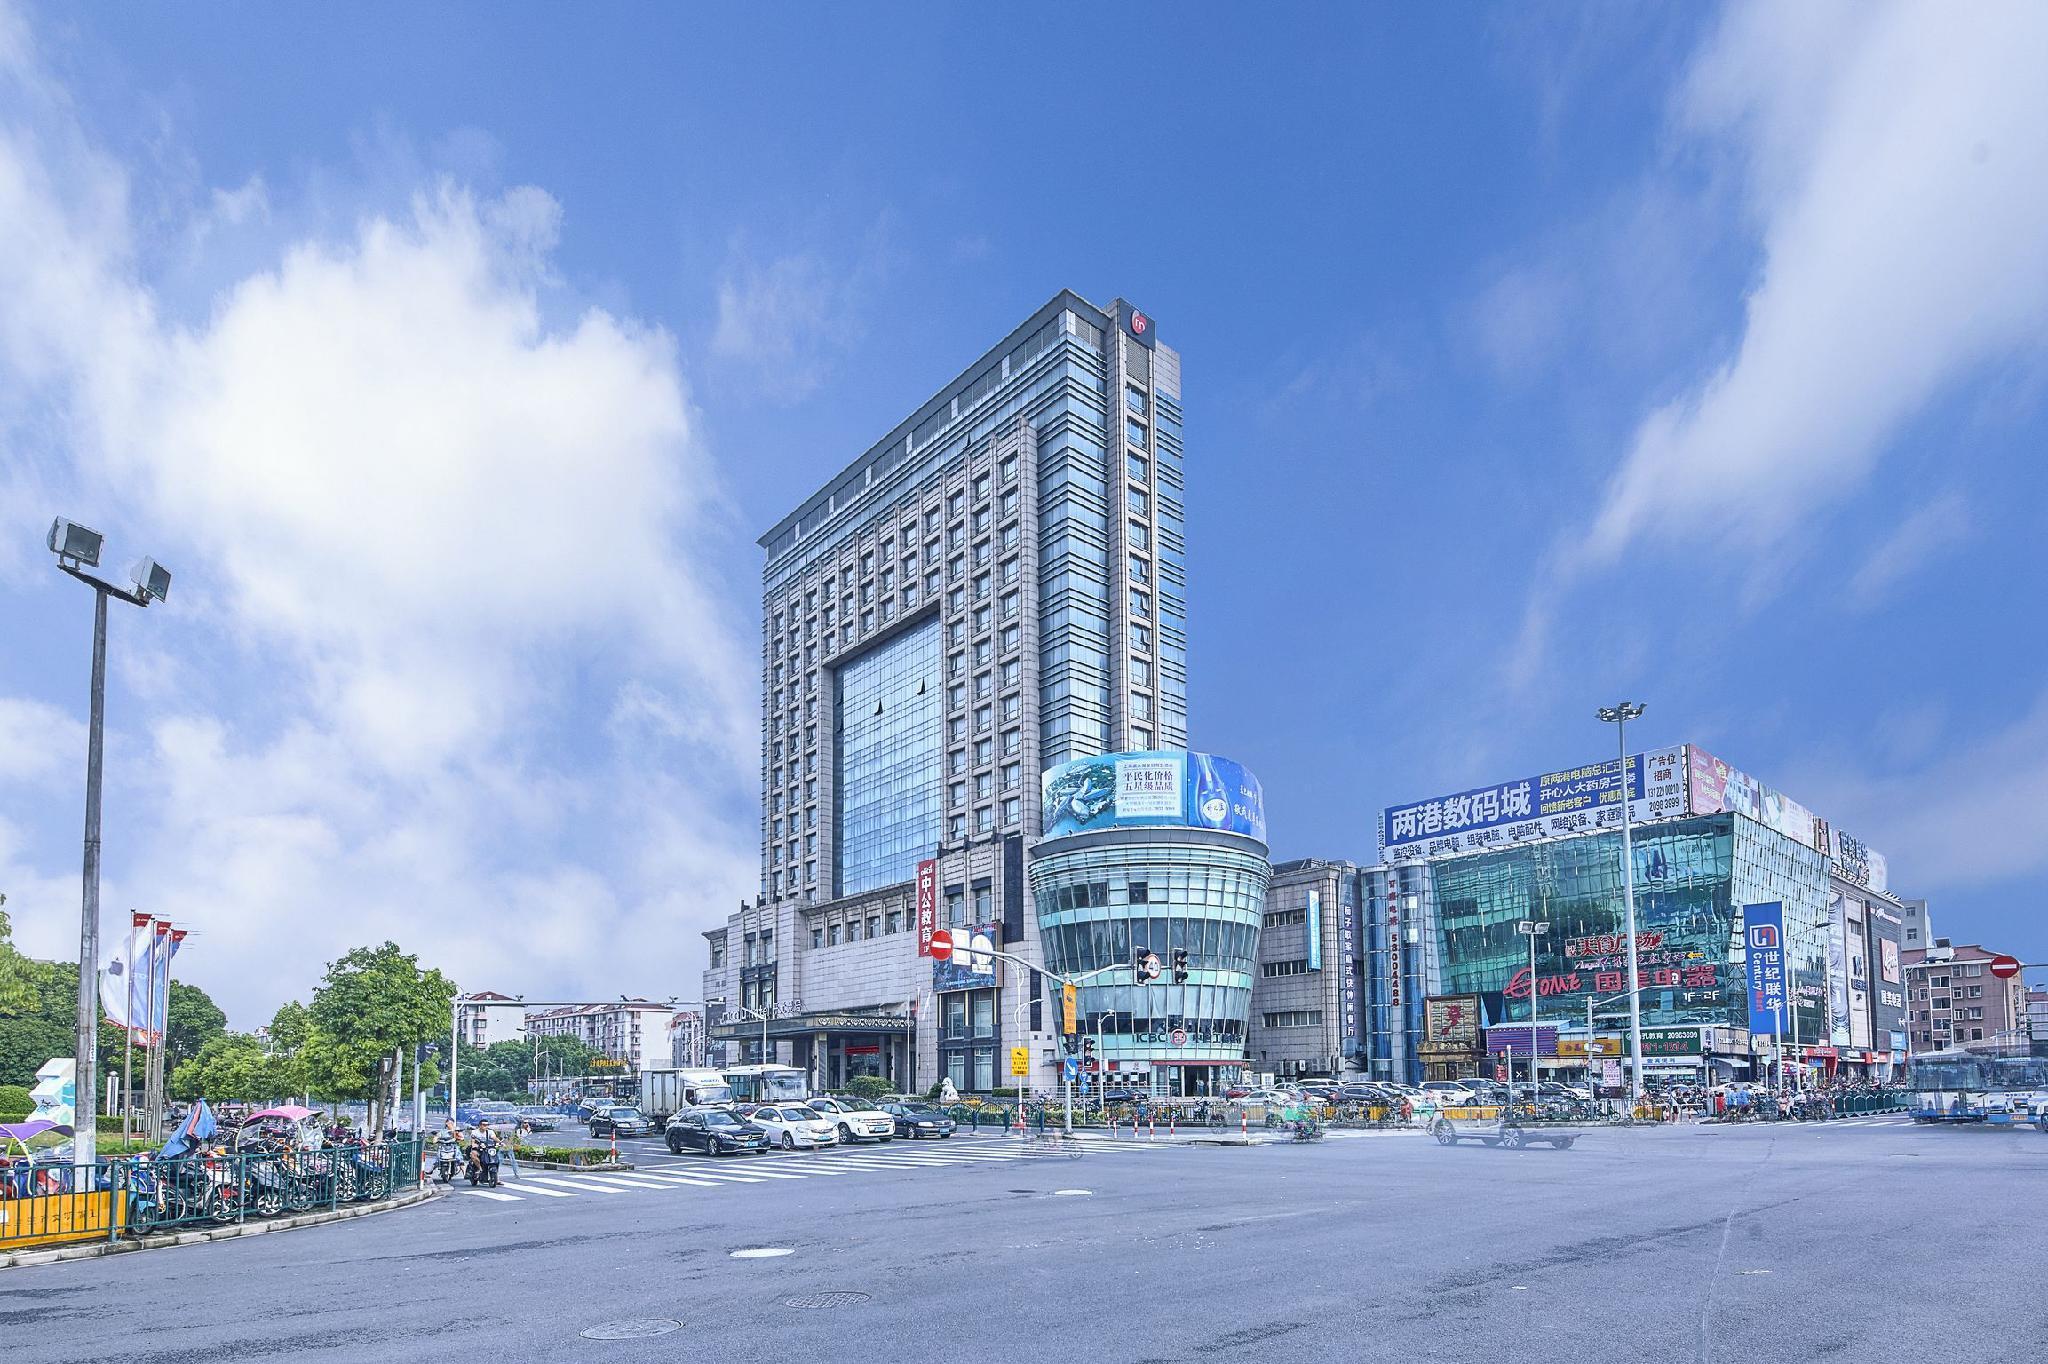 New Century Manju Shanghai Pudong Airport Store